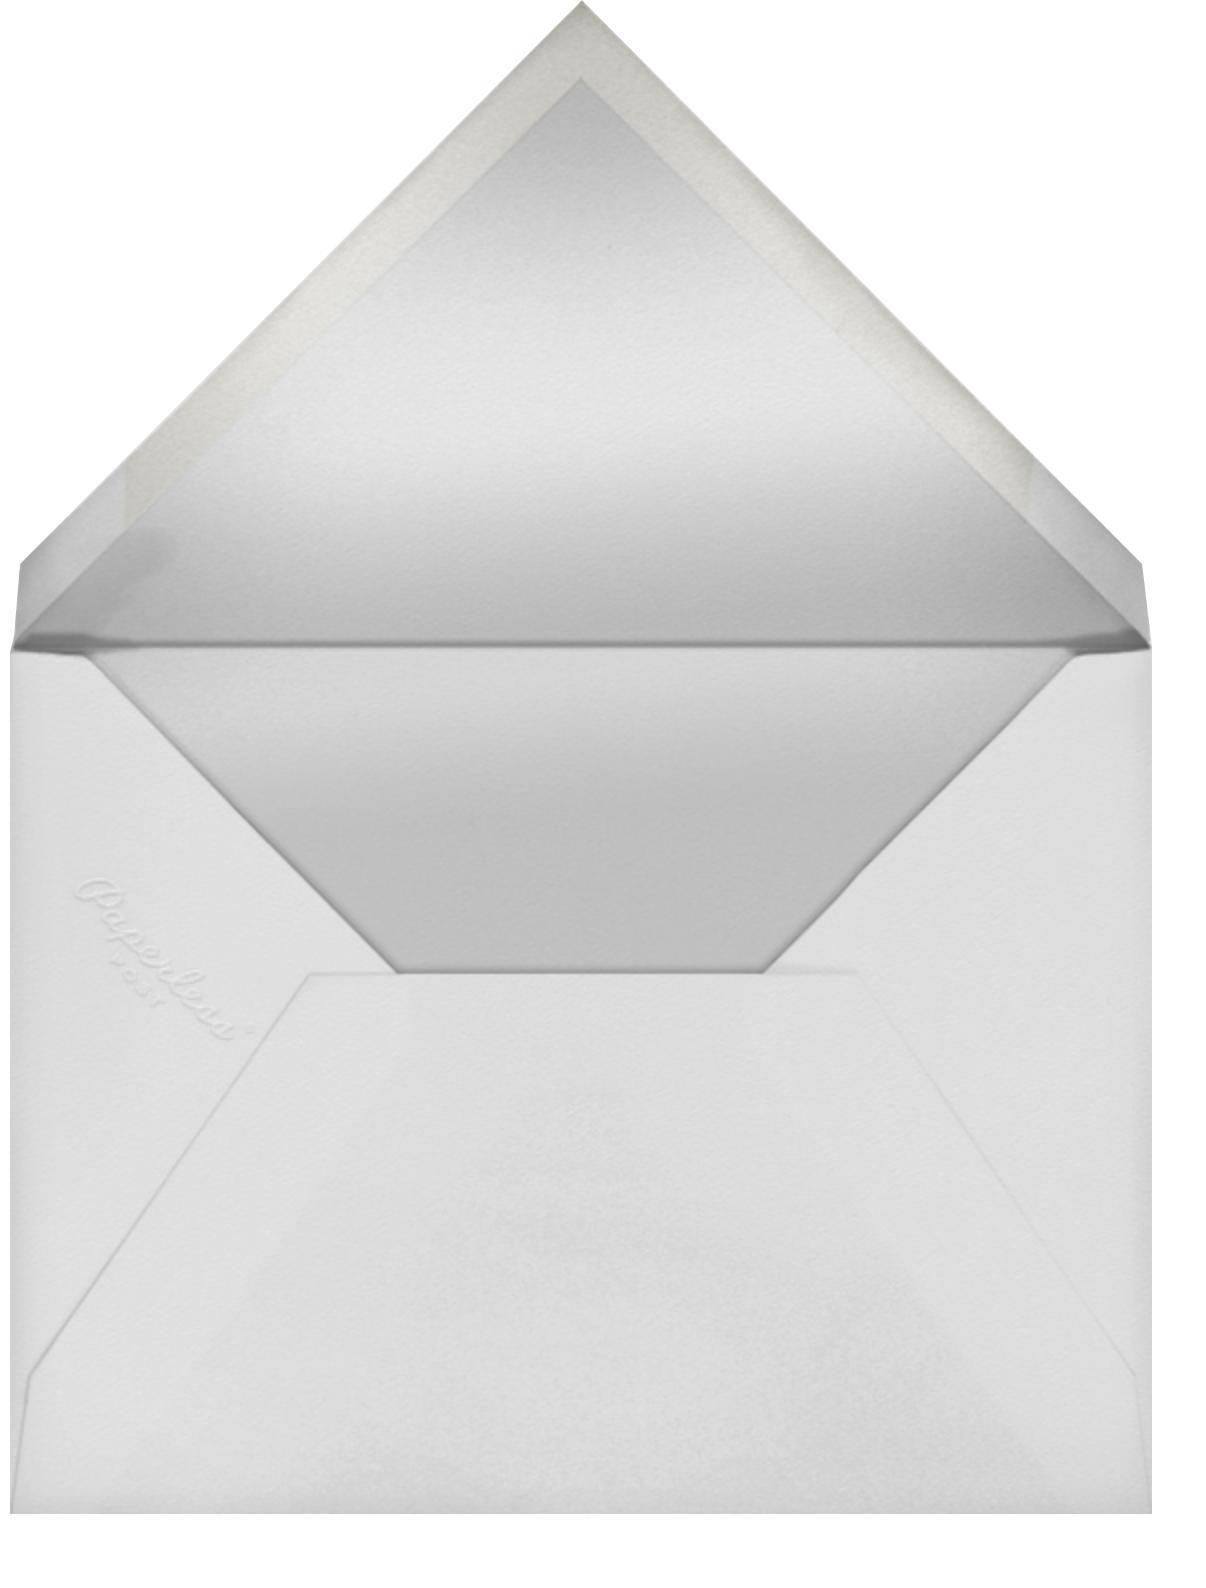 Mirabell (Menu) - Sepia - Linda and Harriett - Menus - envelope back